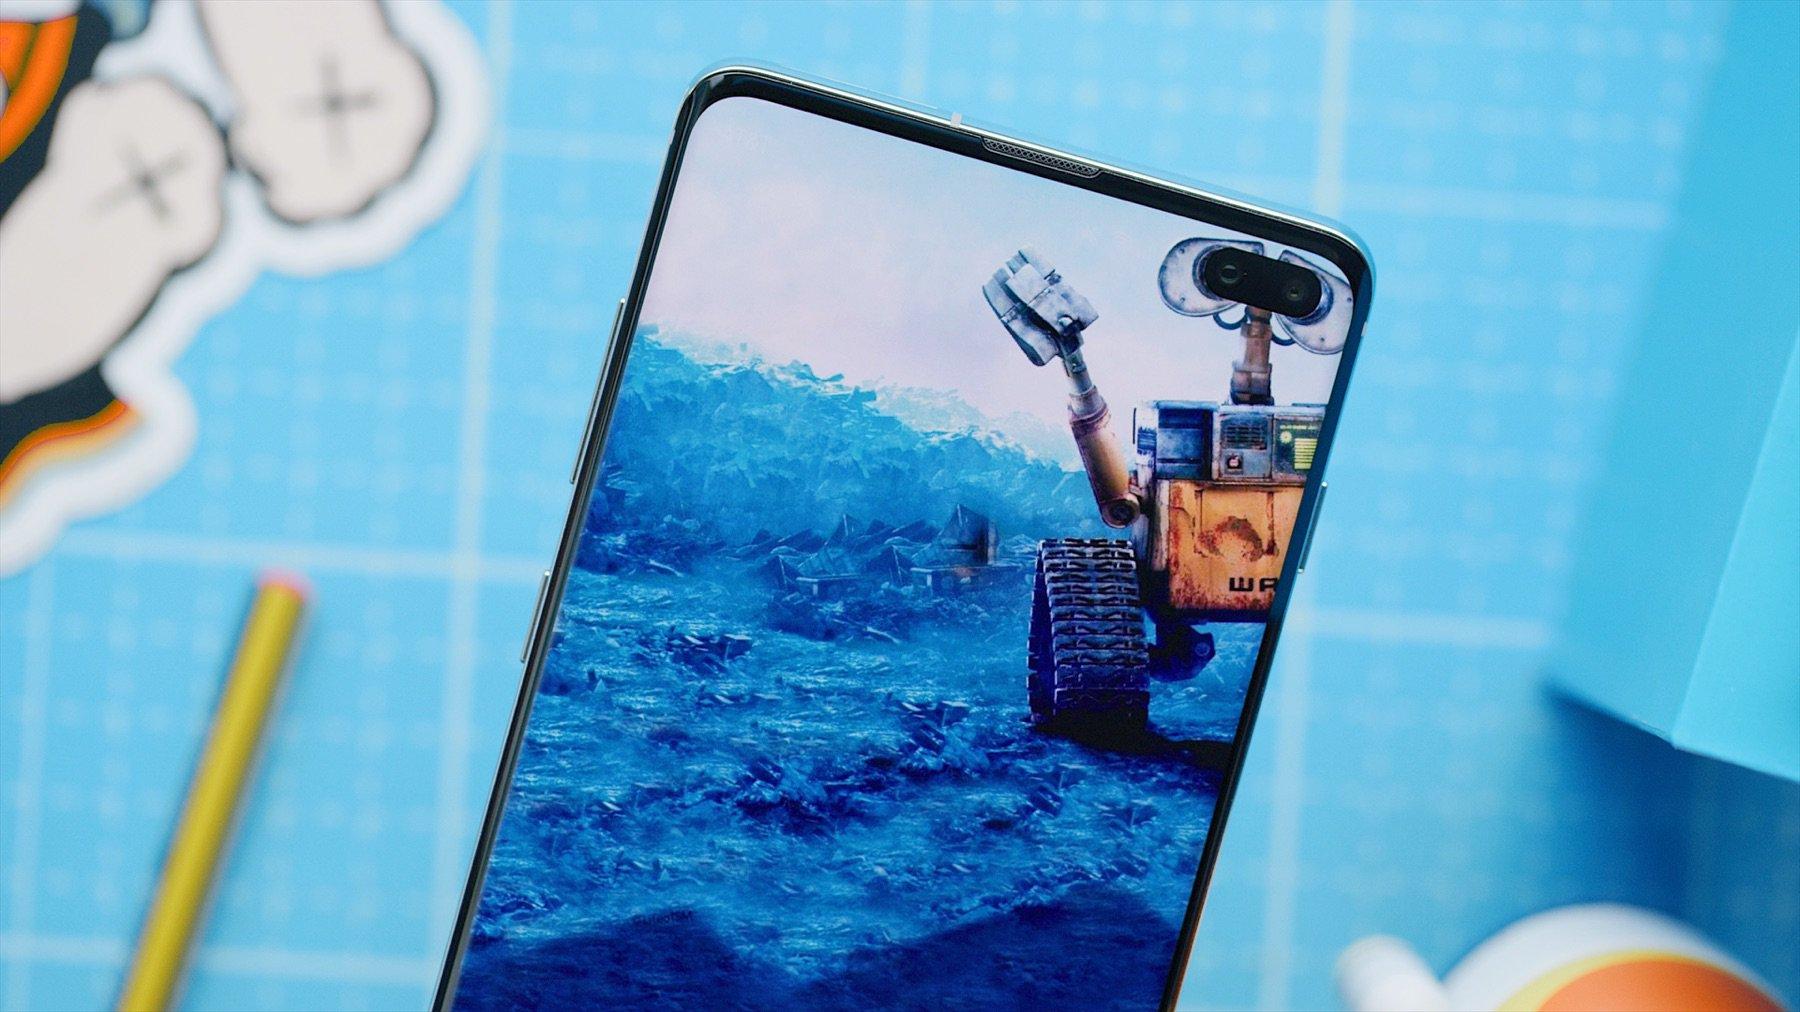 Samsung Galaxy S10 : Internet a trouvé comment se jouer de l'écran percé avec ces fonds d'écran